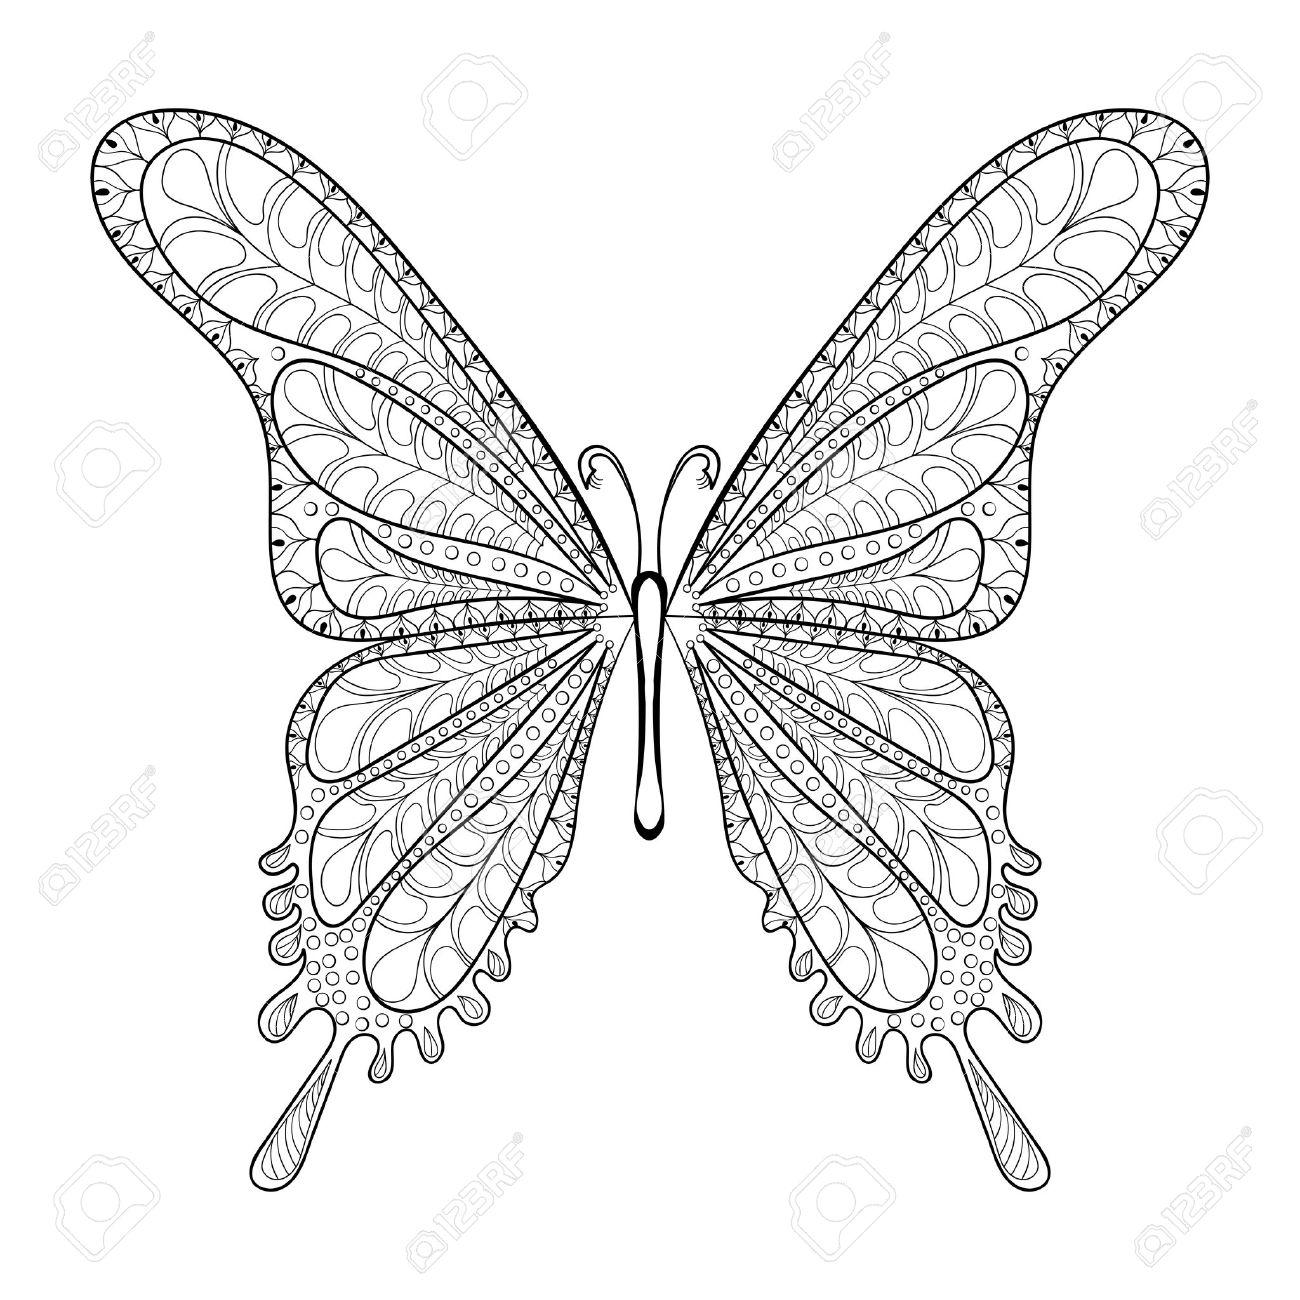 Dibujado A Mano Patrón De Mariposa Tribal De Páginas Para Colorear ...